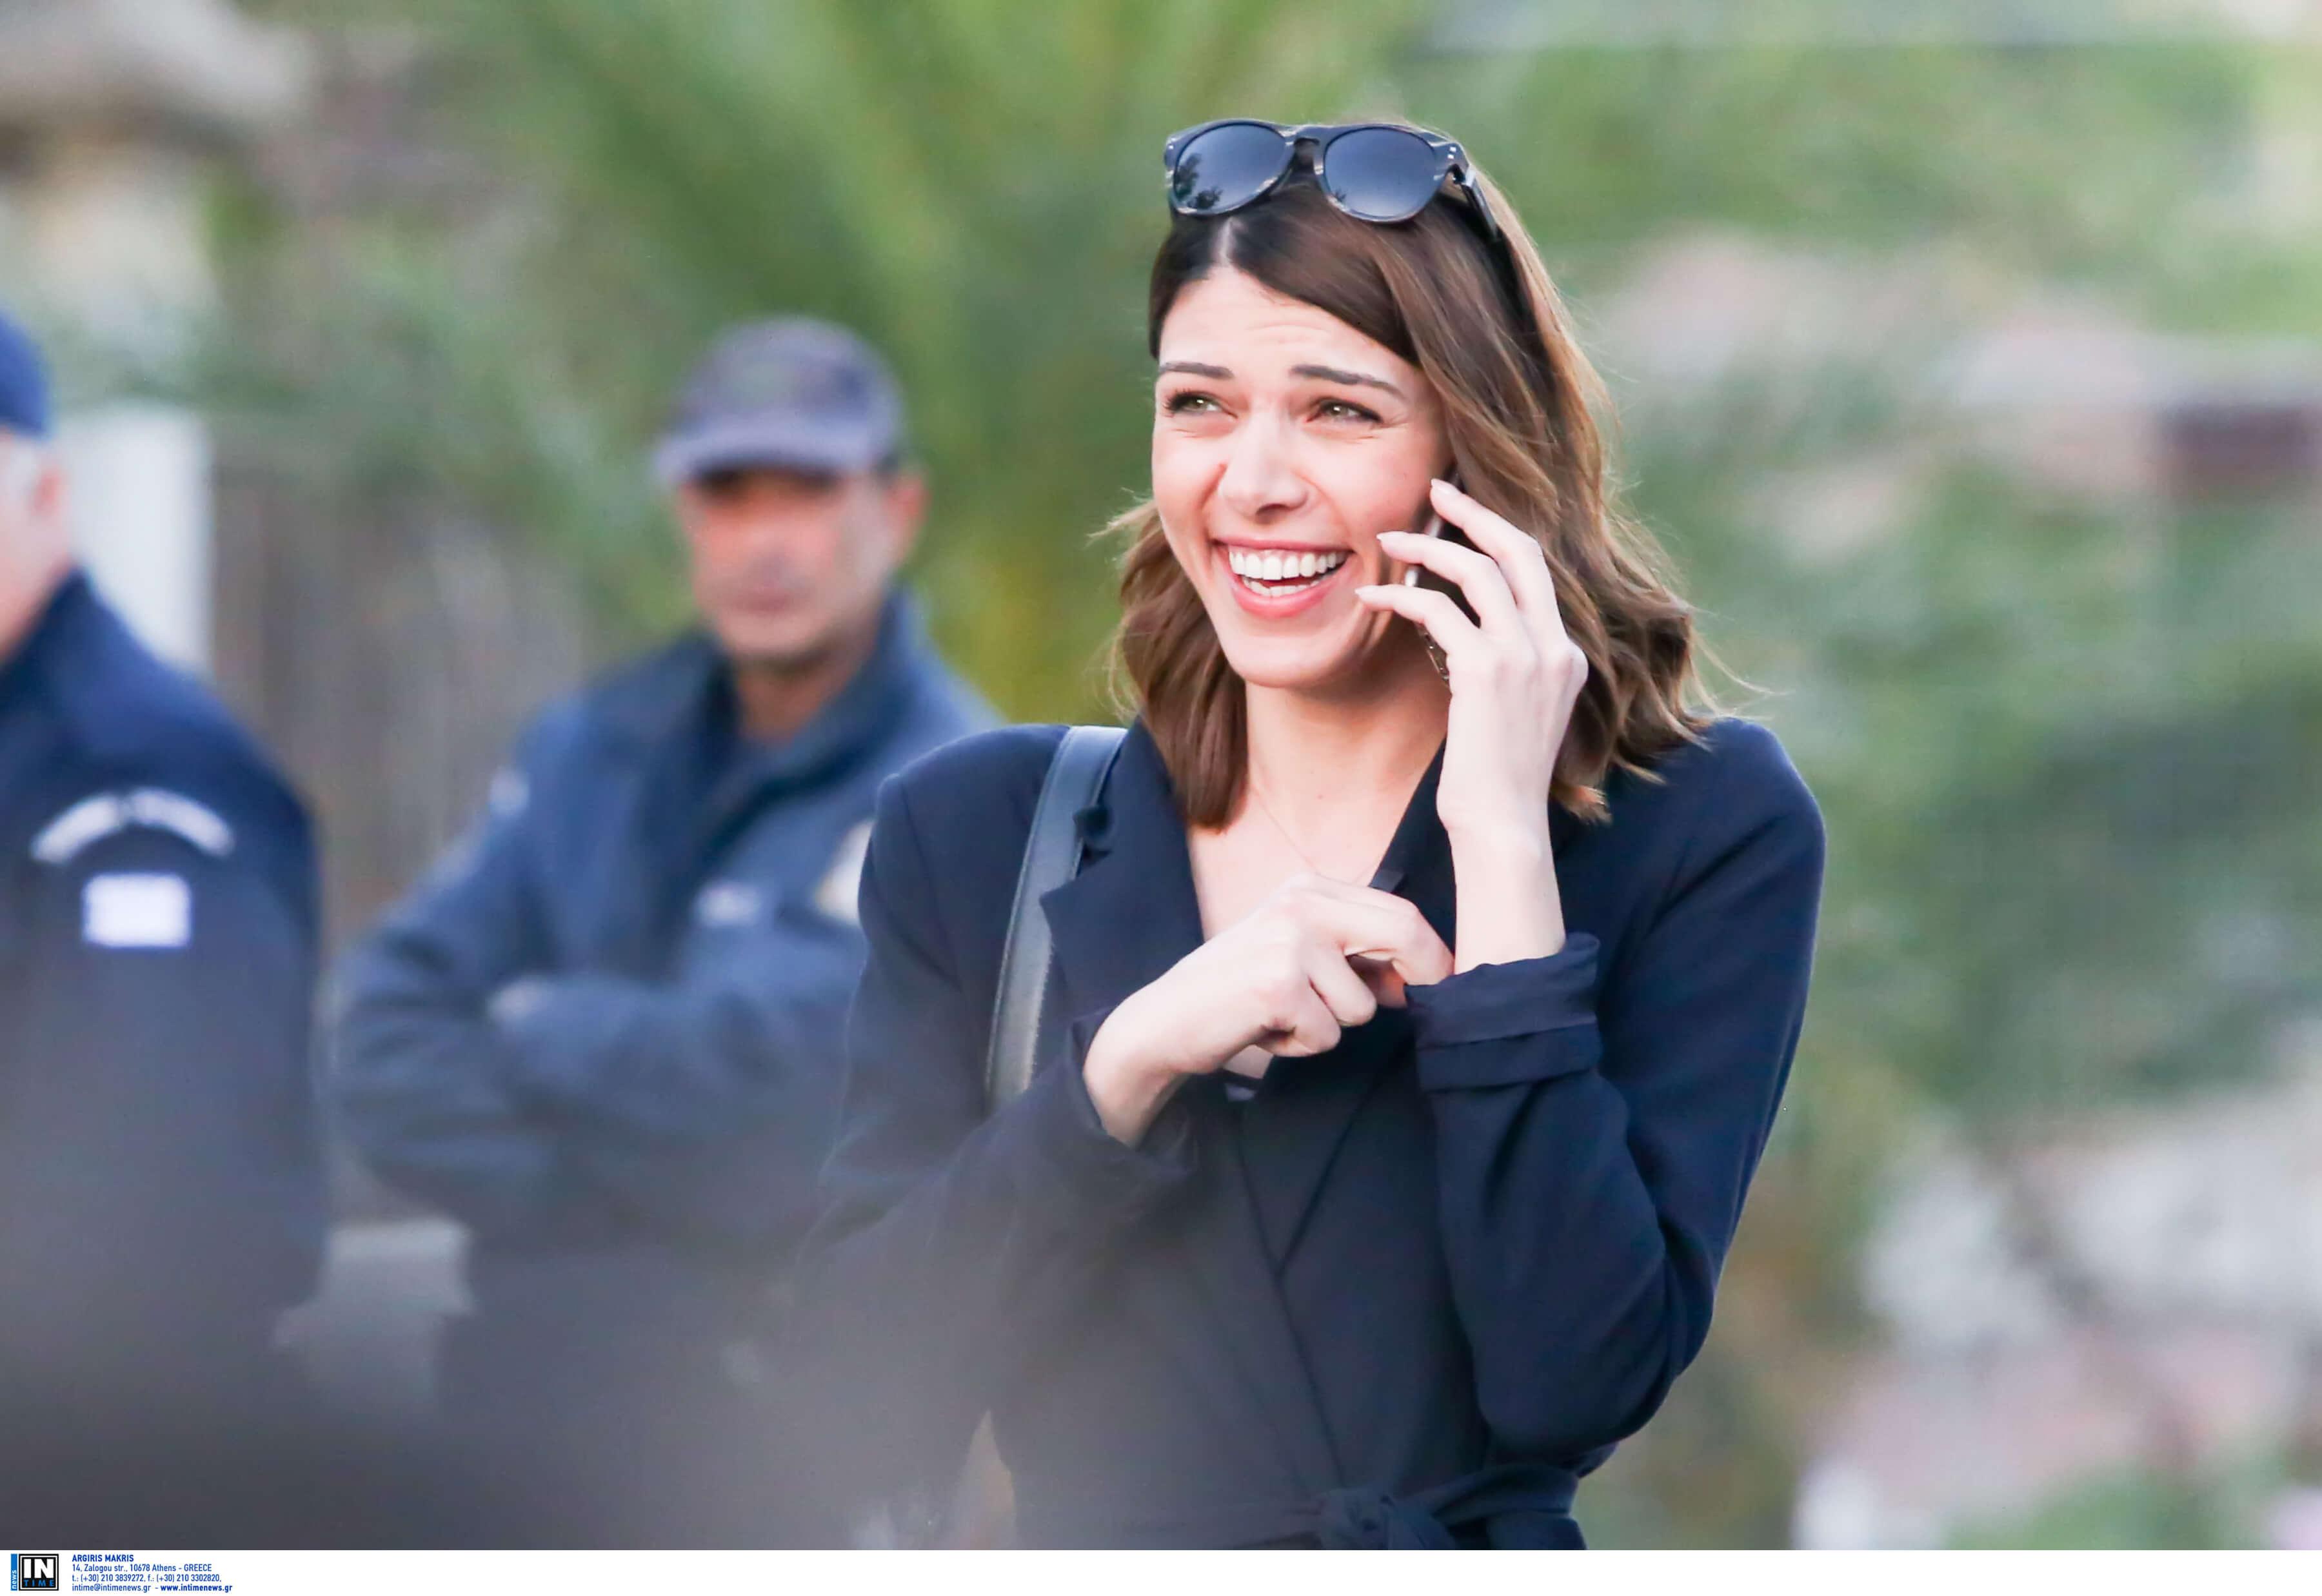 Σαν… μοντέλο στην ομιλία του Τσίπρα! | Newsit.gr